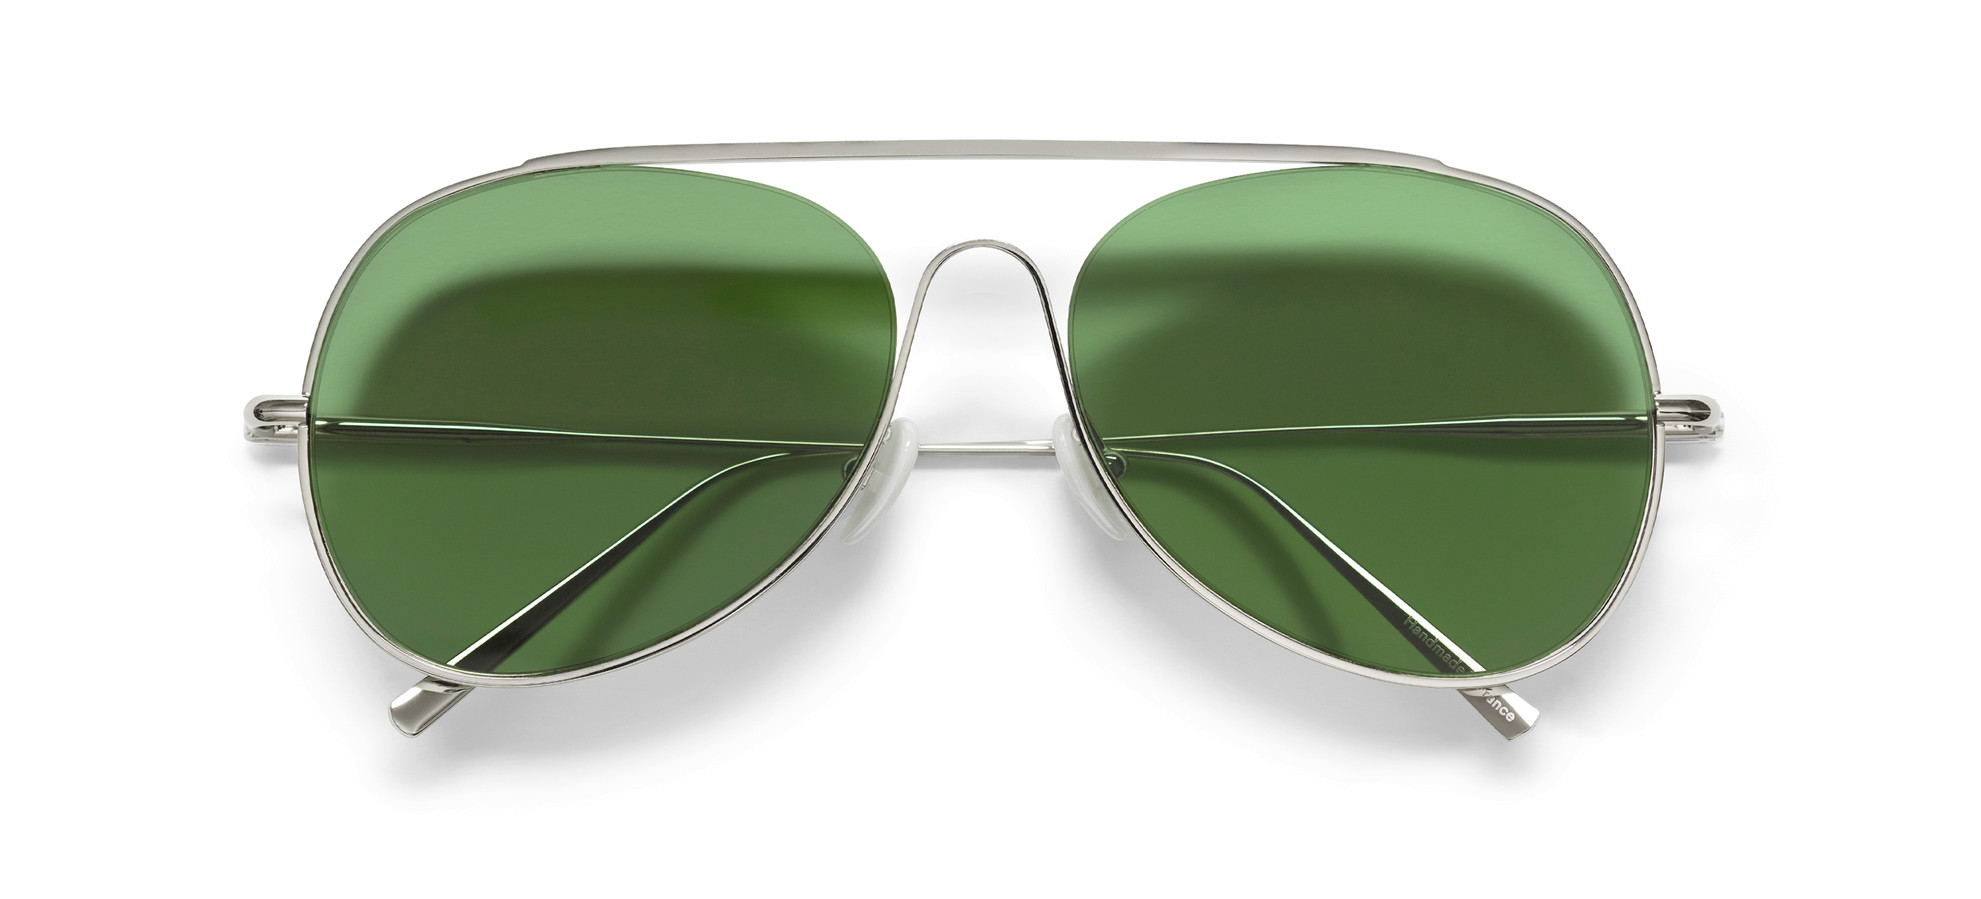 Acne Studio Eyewear Collection